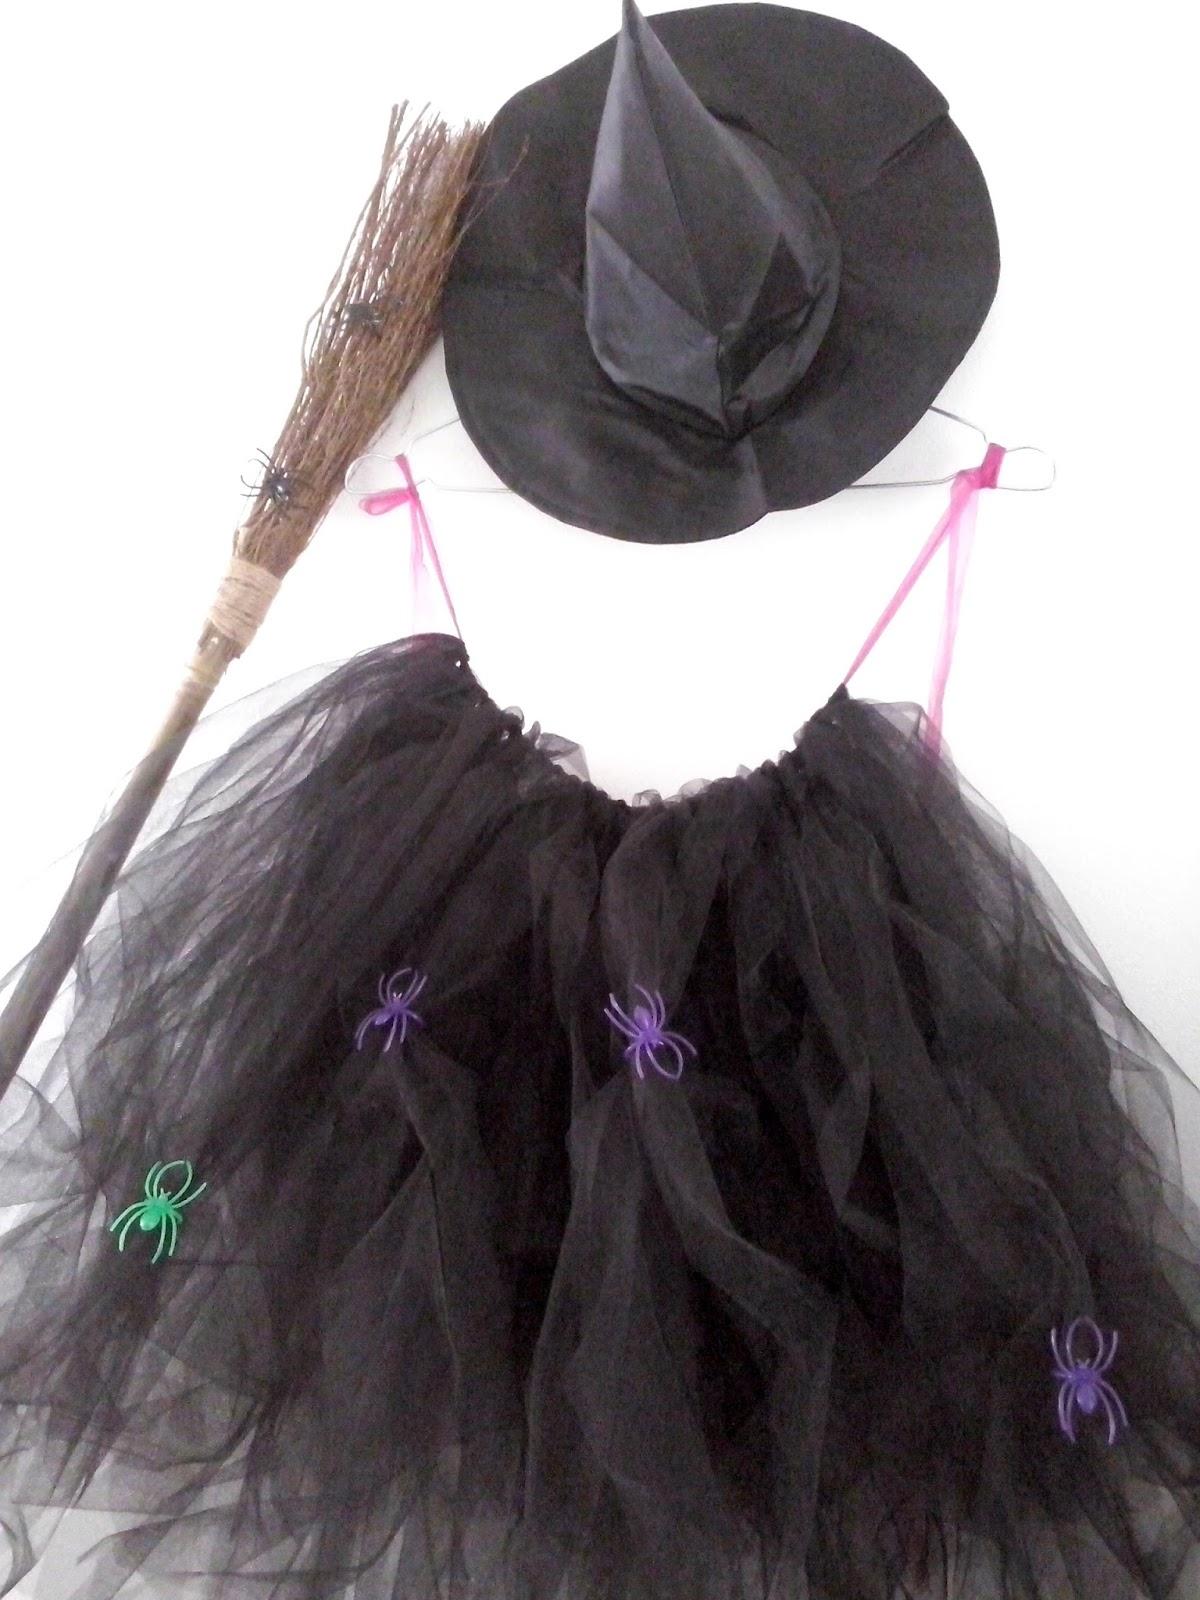 Un peu attachante mais beaucoup chiante l 39 attachiante diy halloween fabriques ta jupe - Deguisement sorciere fait maison ...